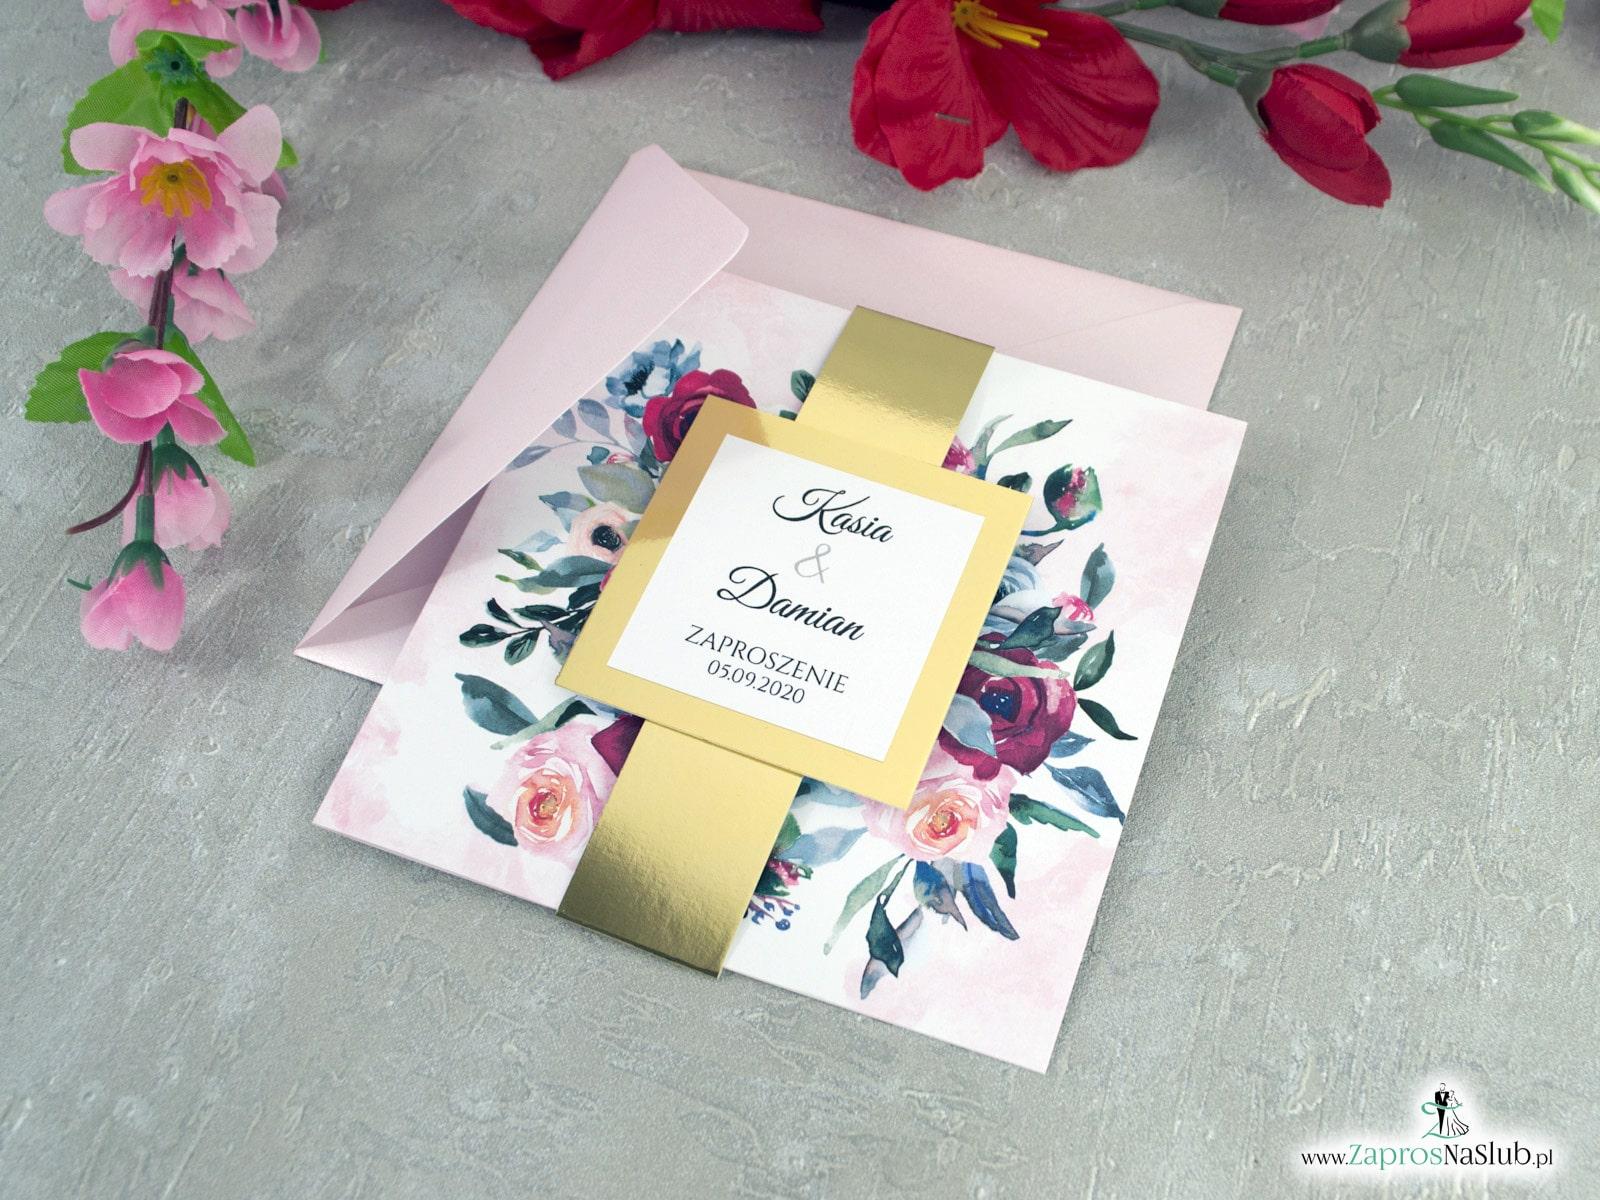 Zaproszenia ślubne z kwiatami róży oraz złotą opaską ZAP-142